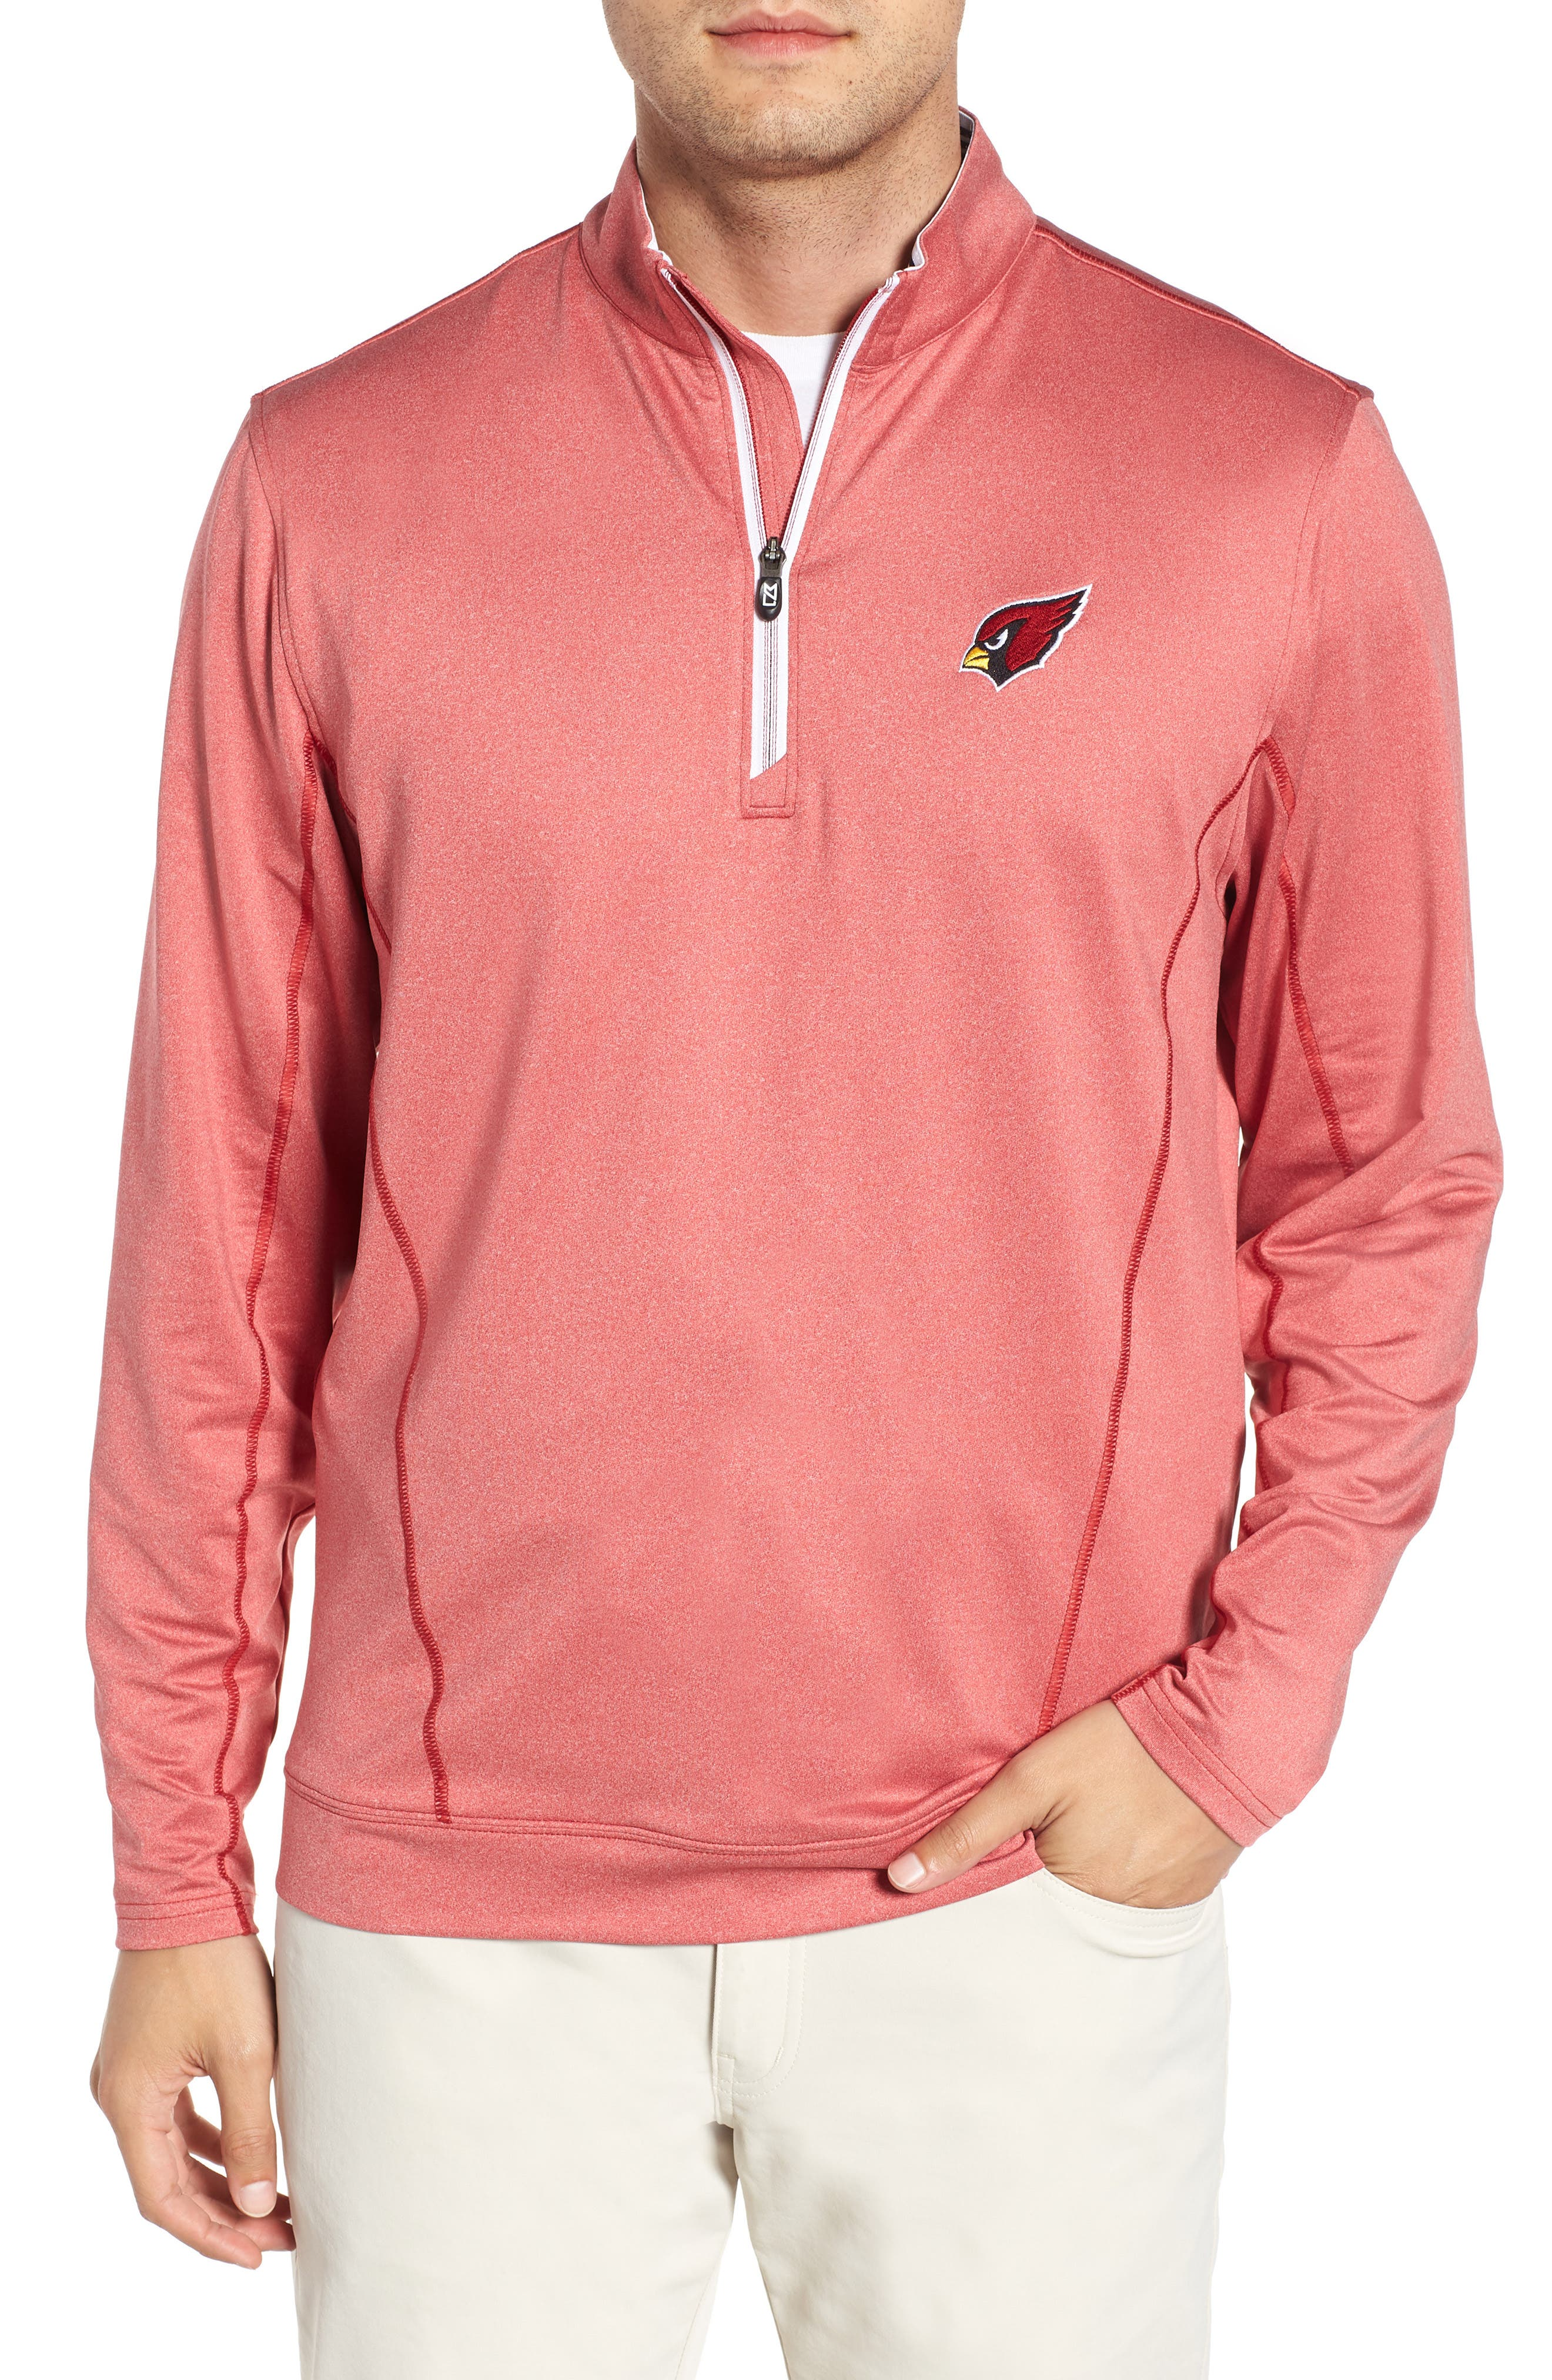 Endurance Arizona Cardinals Regular Fit Pullover,                         Main,                         color, CARDINAL RED HEATHER